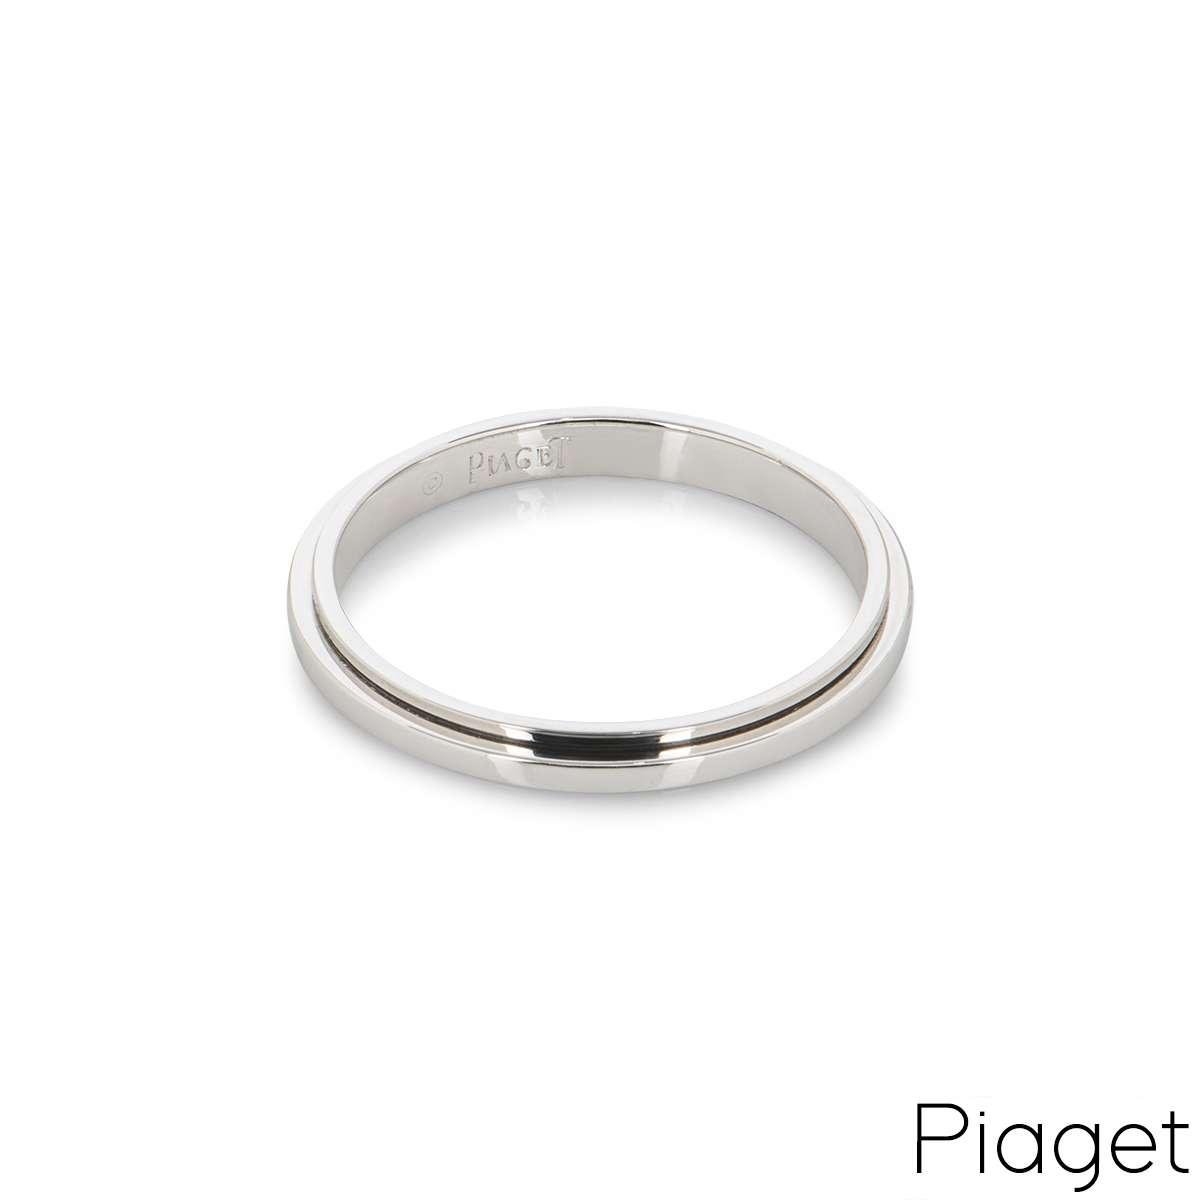 Piaget 18k White Gold Possession Ring B&P G34PR300